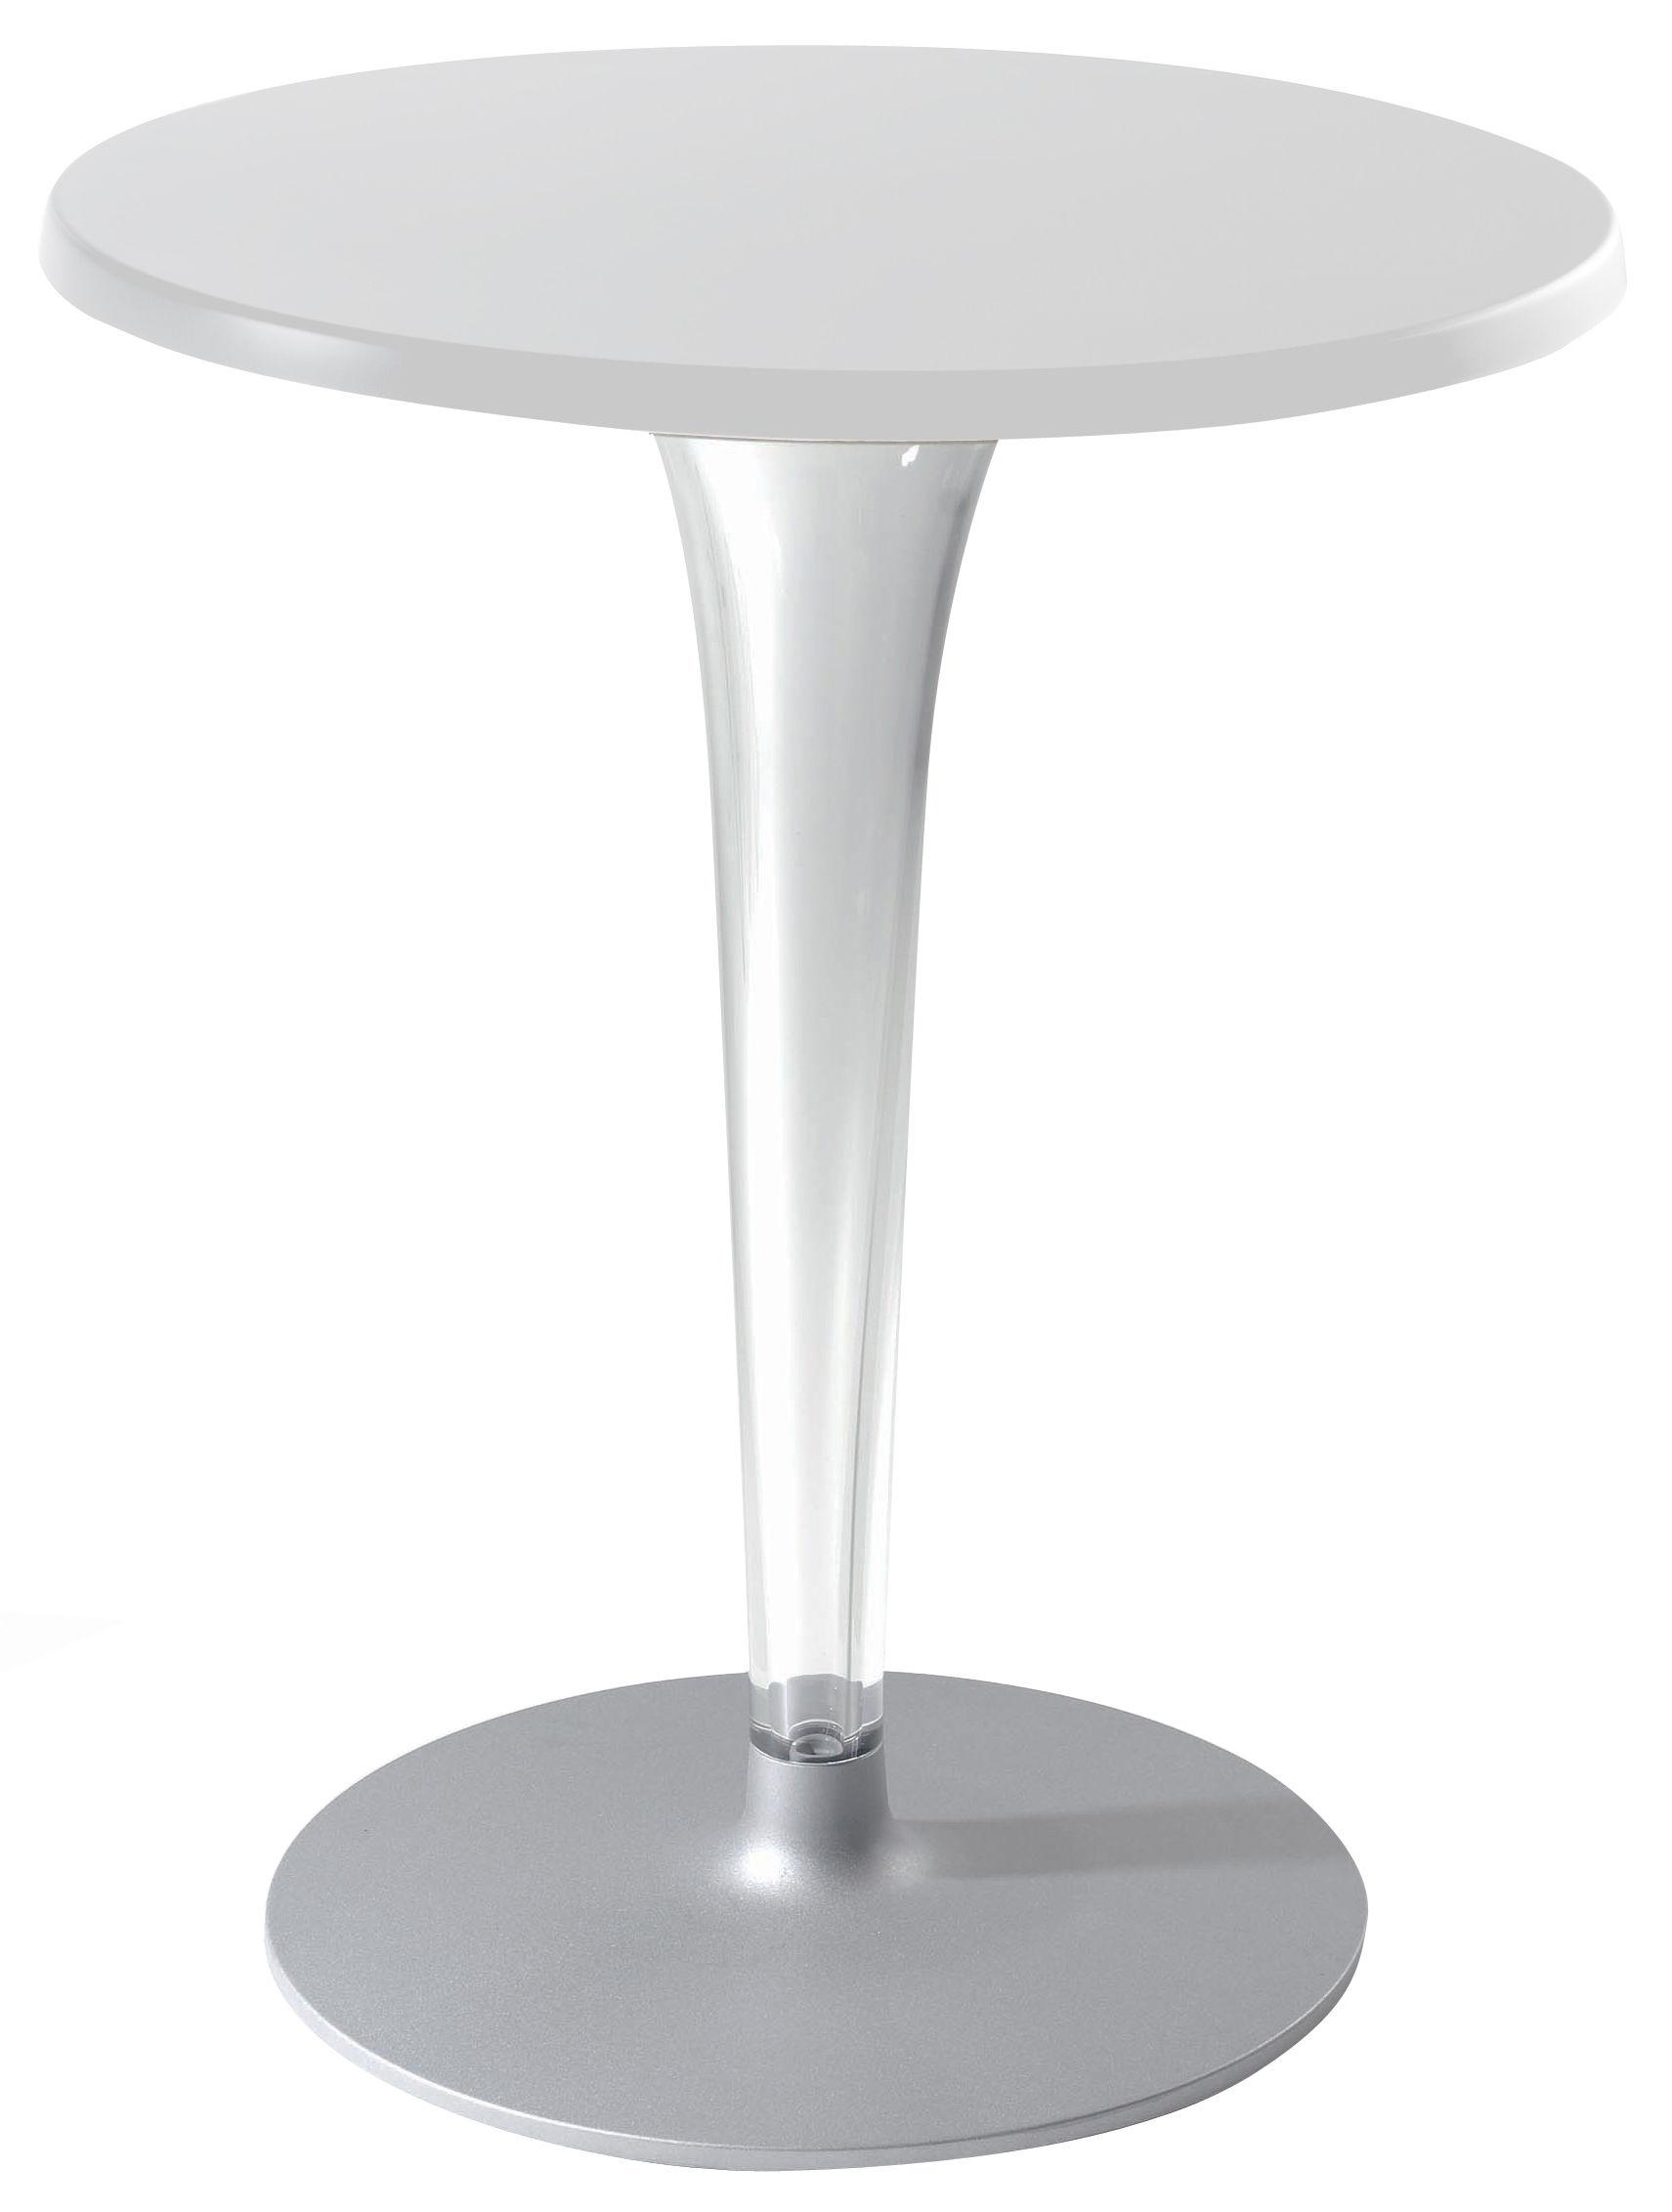 Outdoor - Tische - Top Top - Contract outdoor Runder Tisch mit runder Tischplatte - Kartell - Weiß / Fuß rund - klarlackbeschichtetes Aluminium, Melamin, PMMA